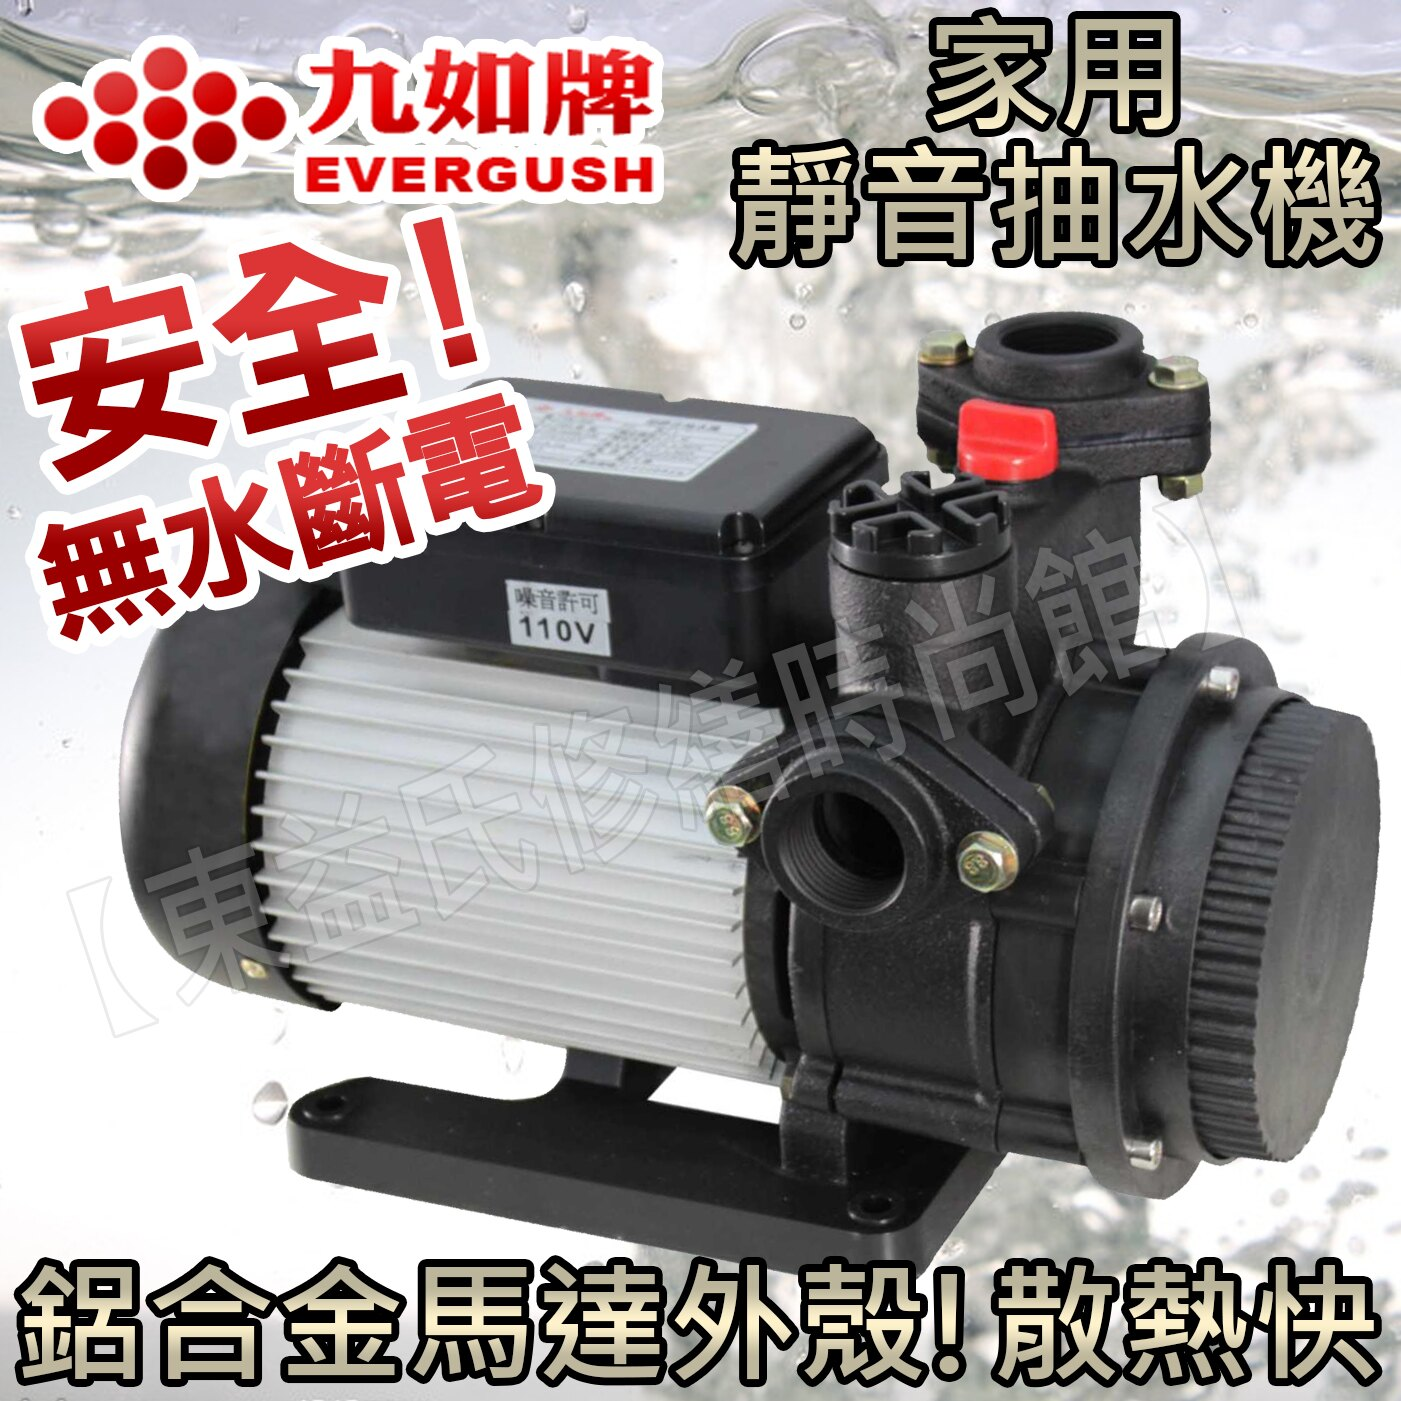 EK800 九如牌 1HP 鋁合金 靜音抽水機110V 220V 無水斷電~東益氏~售 大